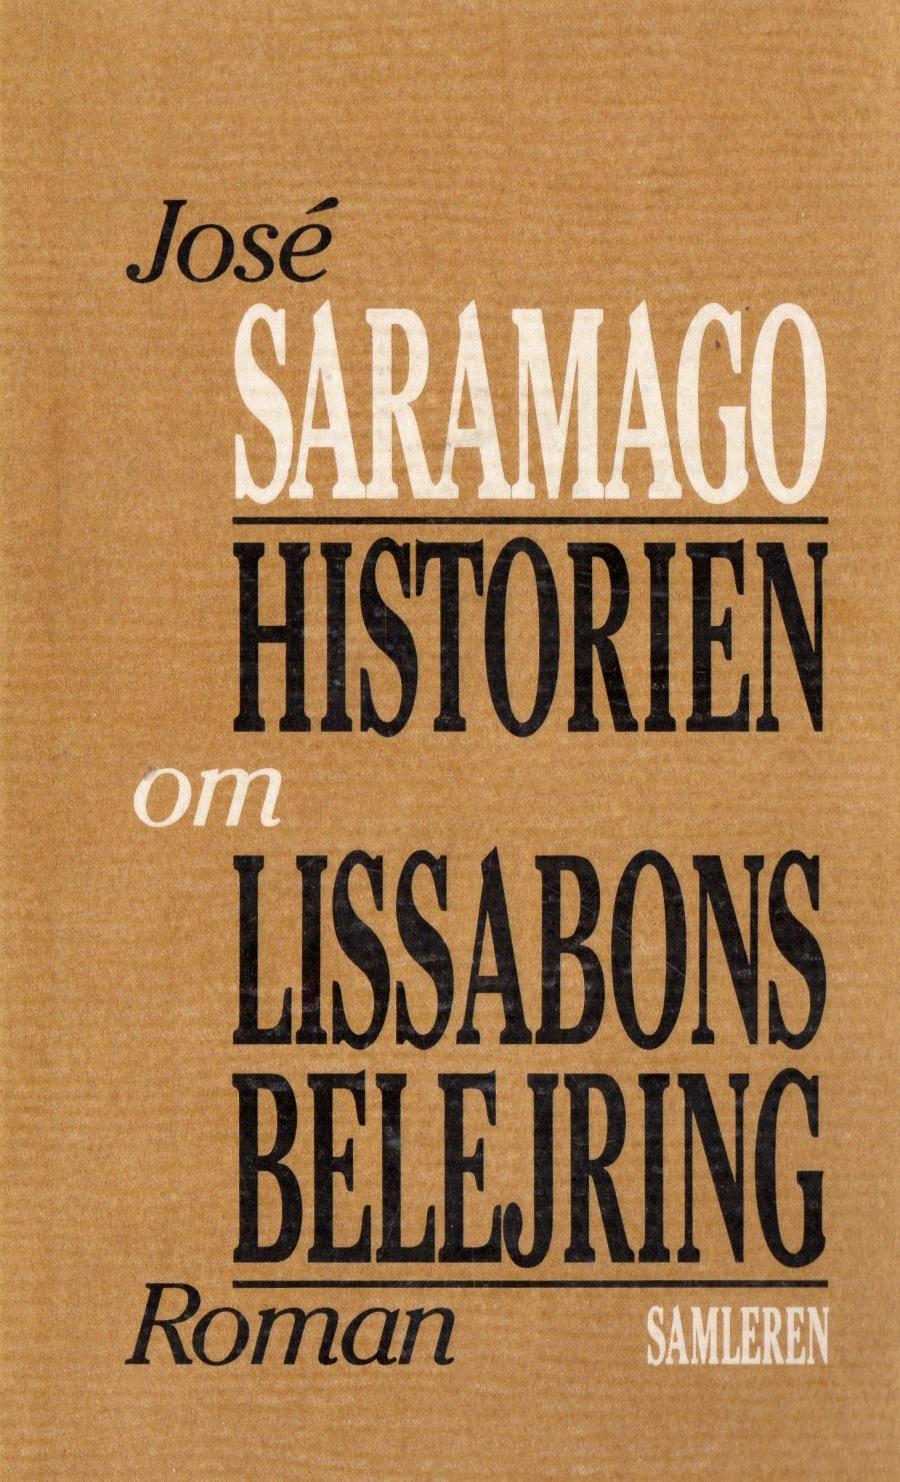 Bogforside: Historien om Lissabons belejring